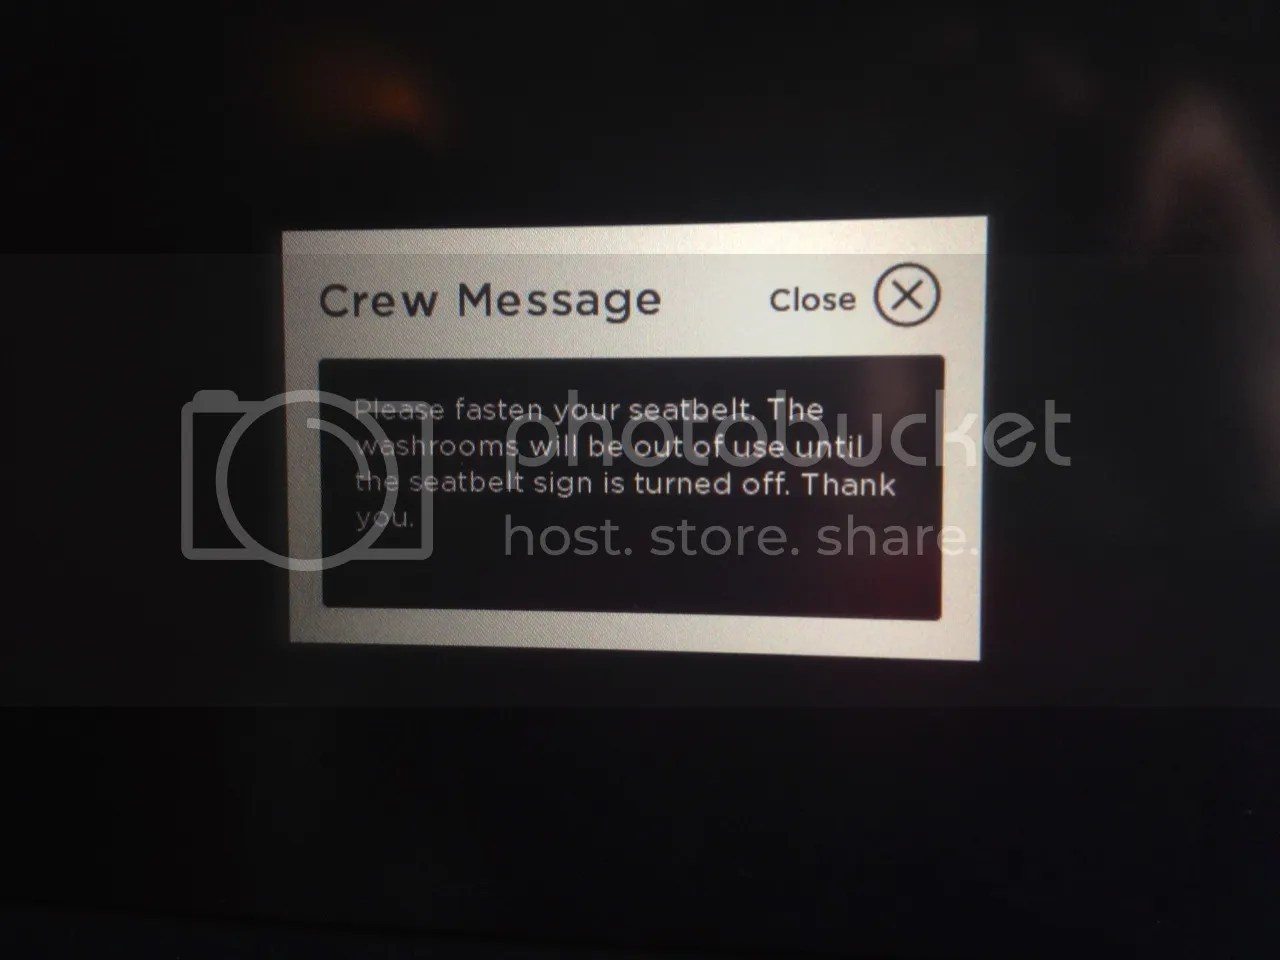 https://i1.wp.com/i181.photobucket.com/albums/x35/jwhite9185/New%20York/file_zps6b95a57d.jpg